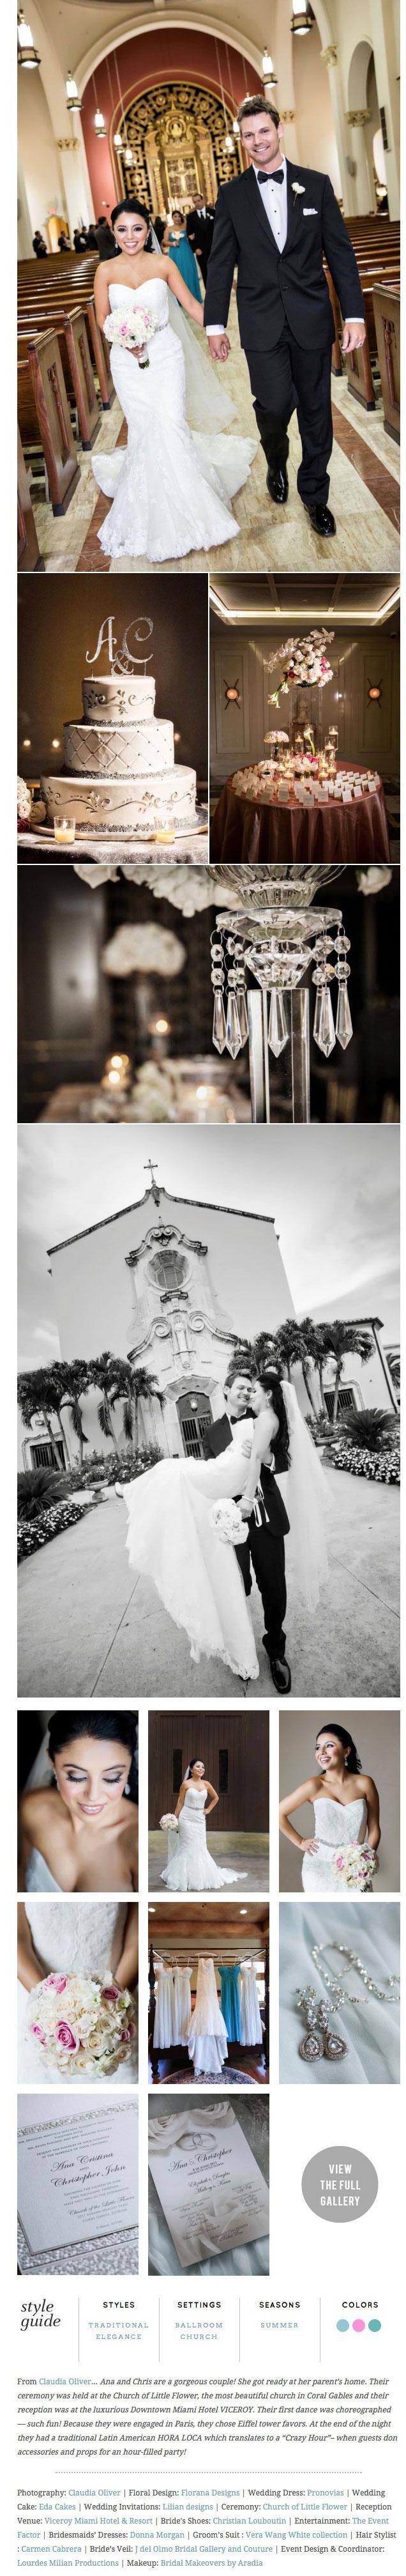 Downtown-Miami-Wedding_02